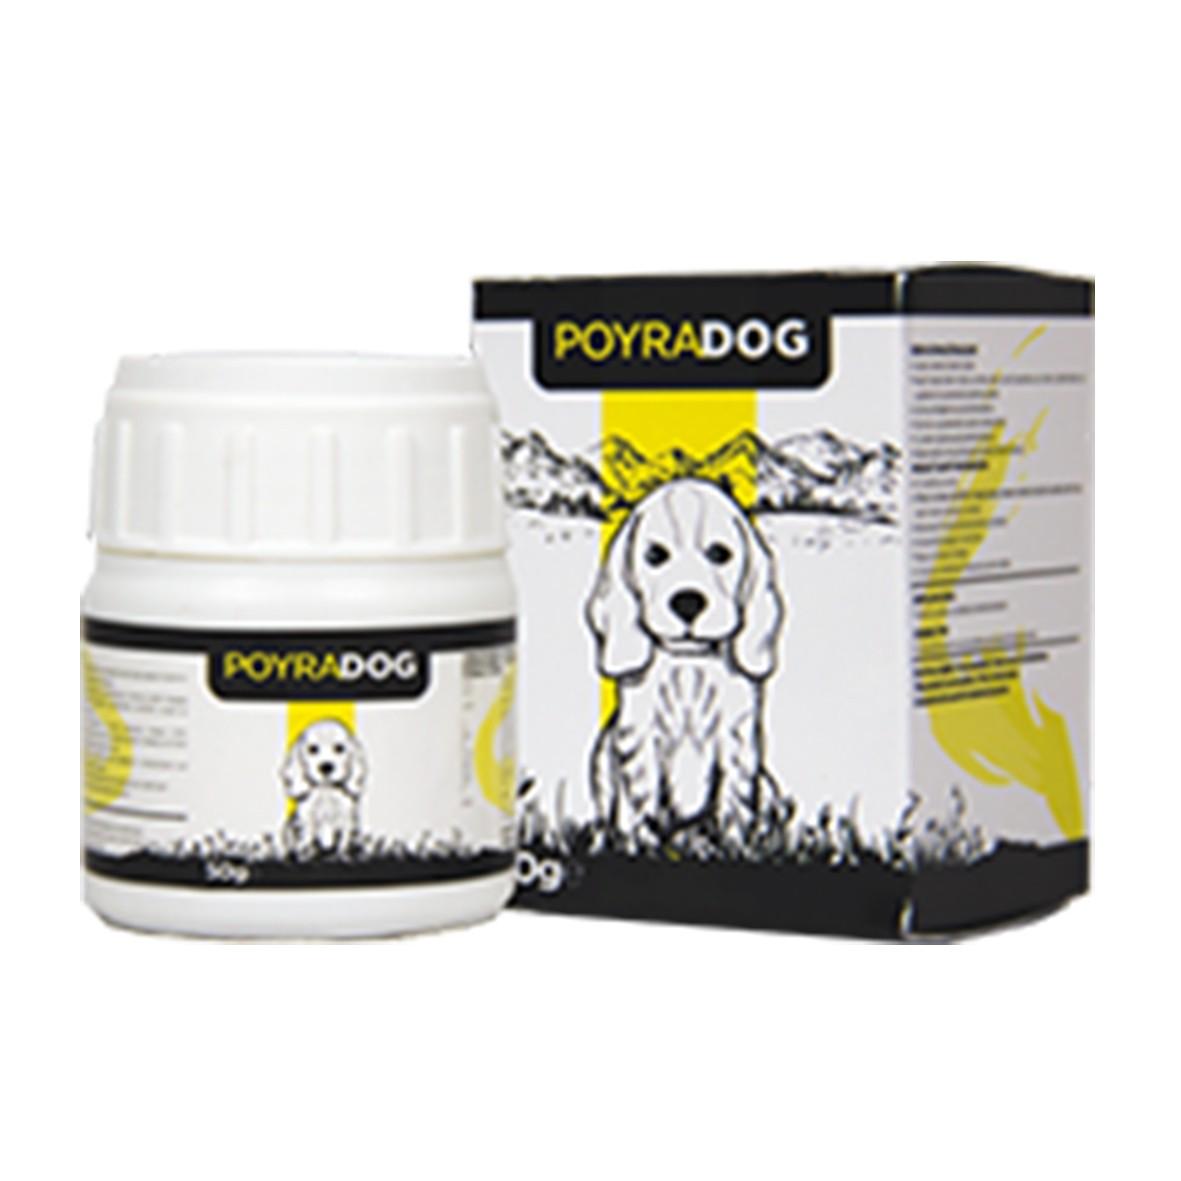 Poyradog